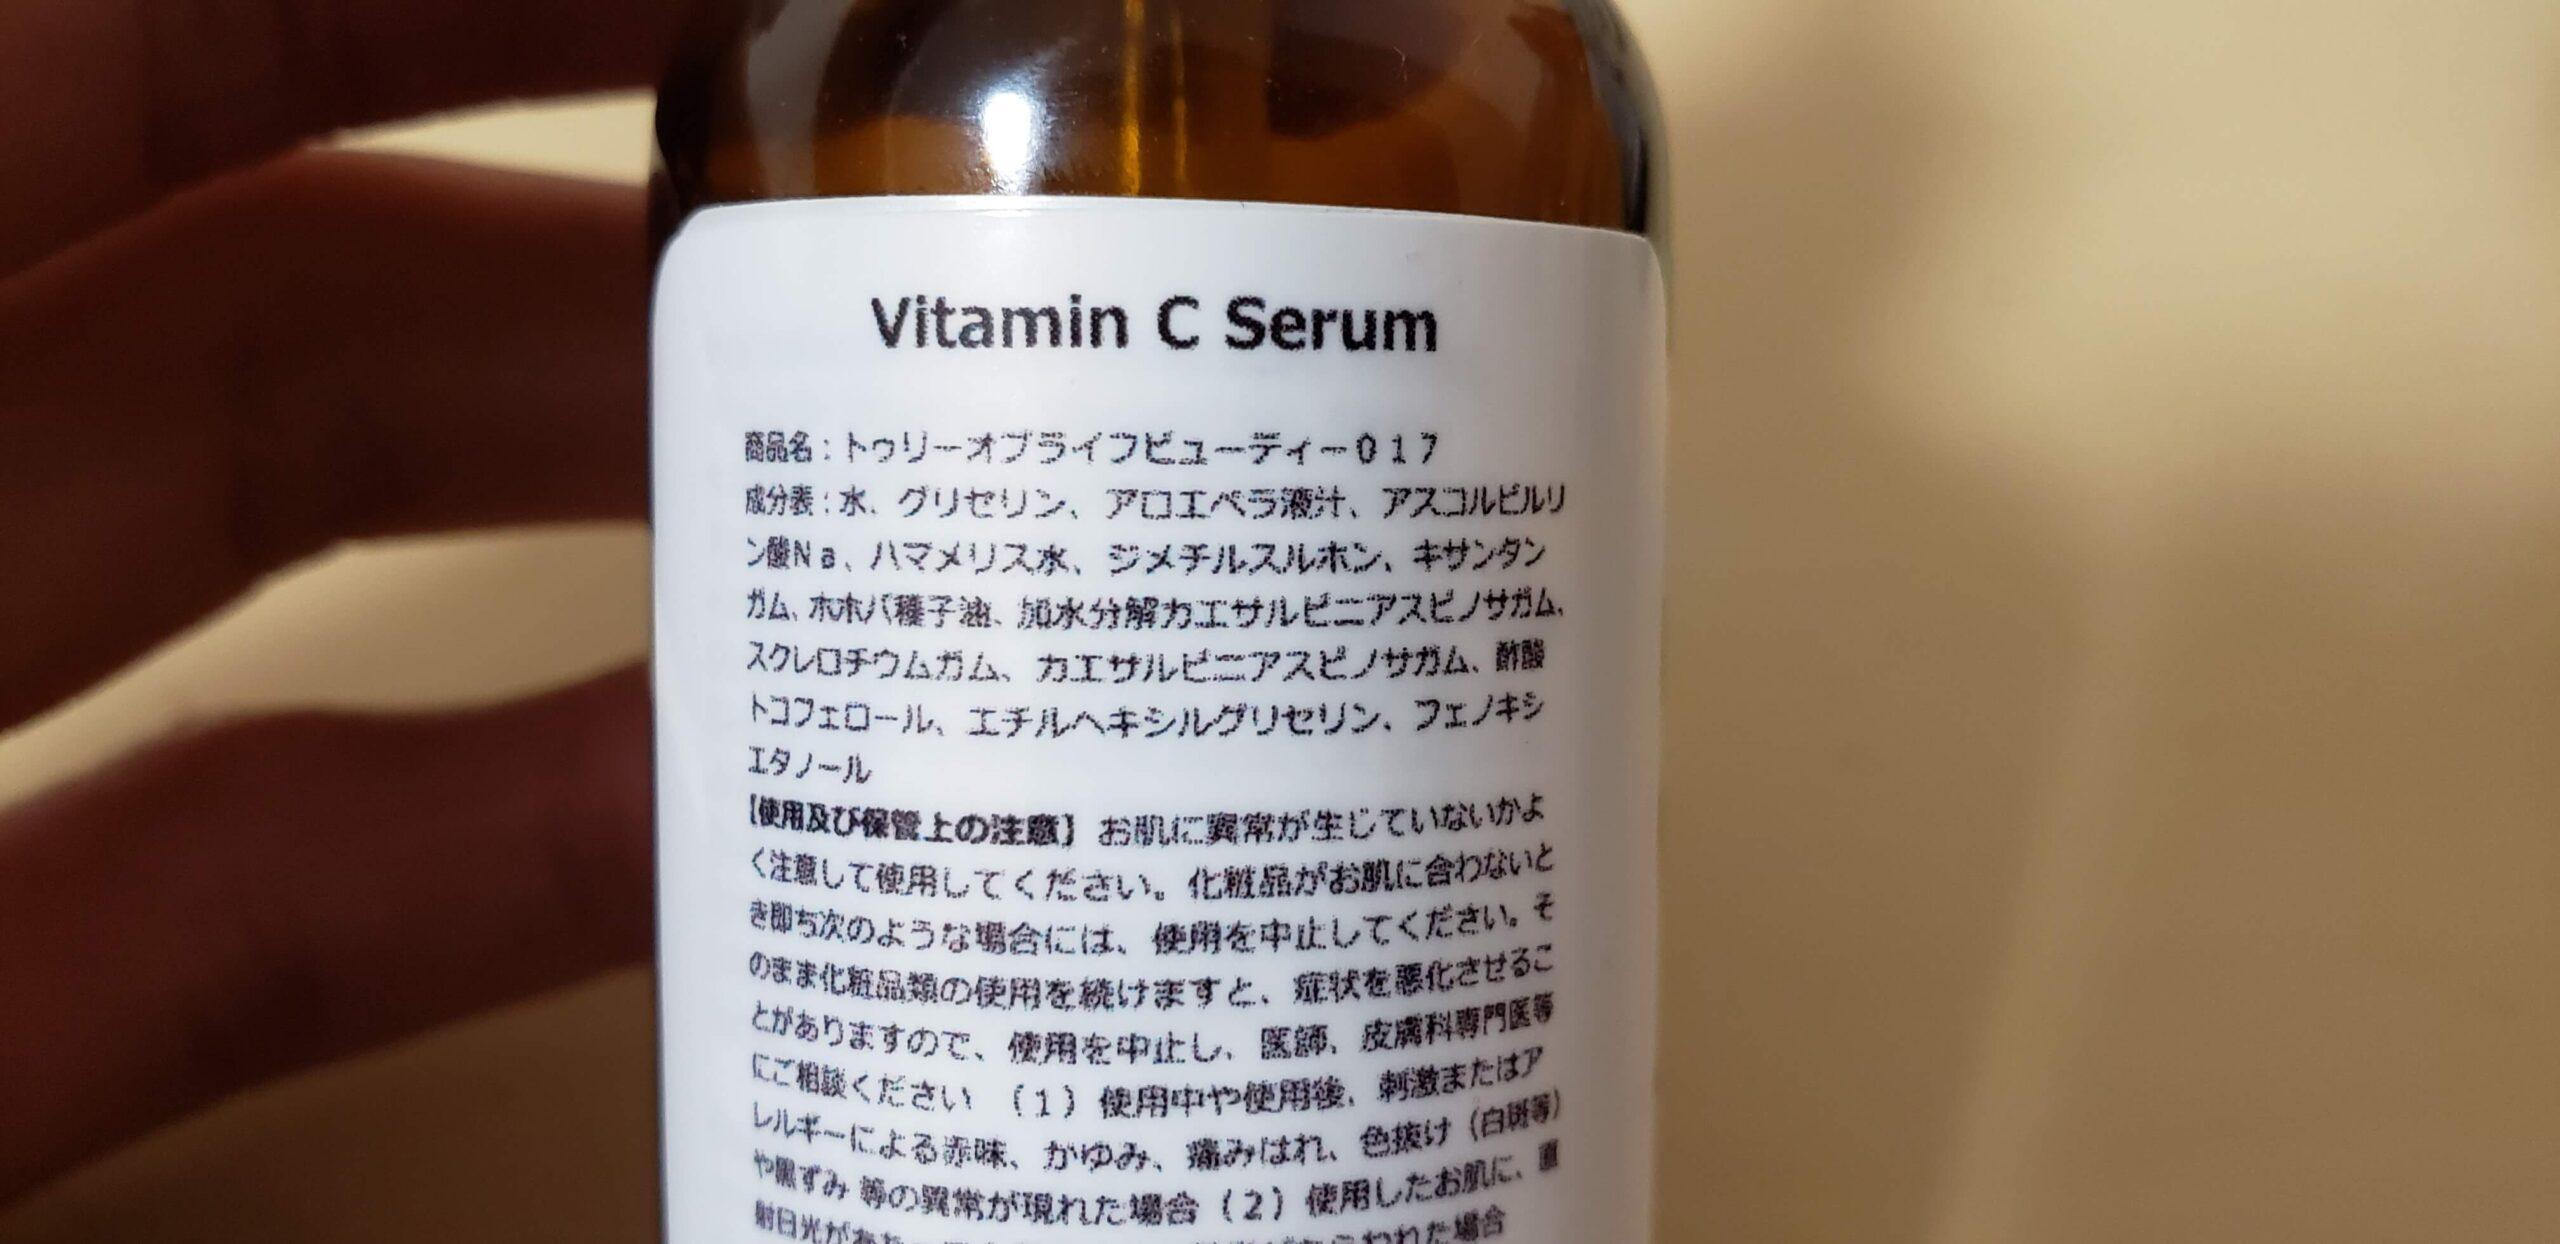 ビタミンCセラム【VITAMIN C SERUM】成分と効果